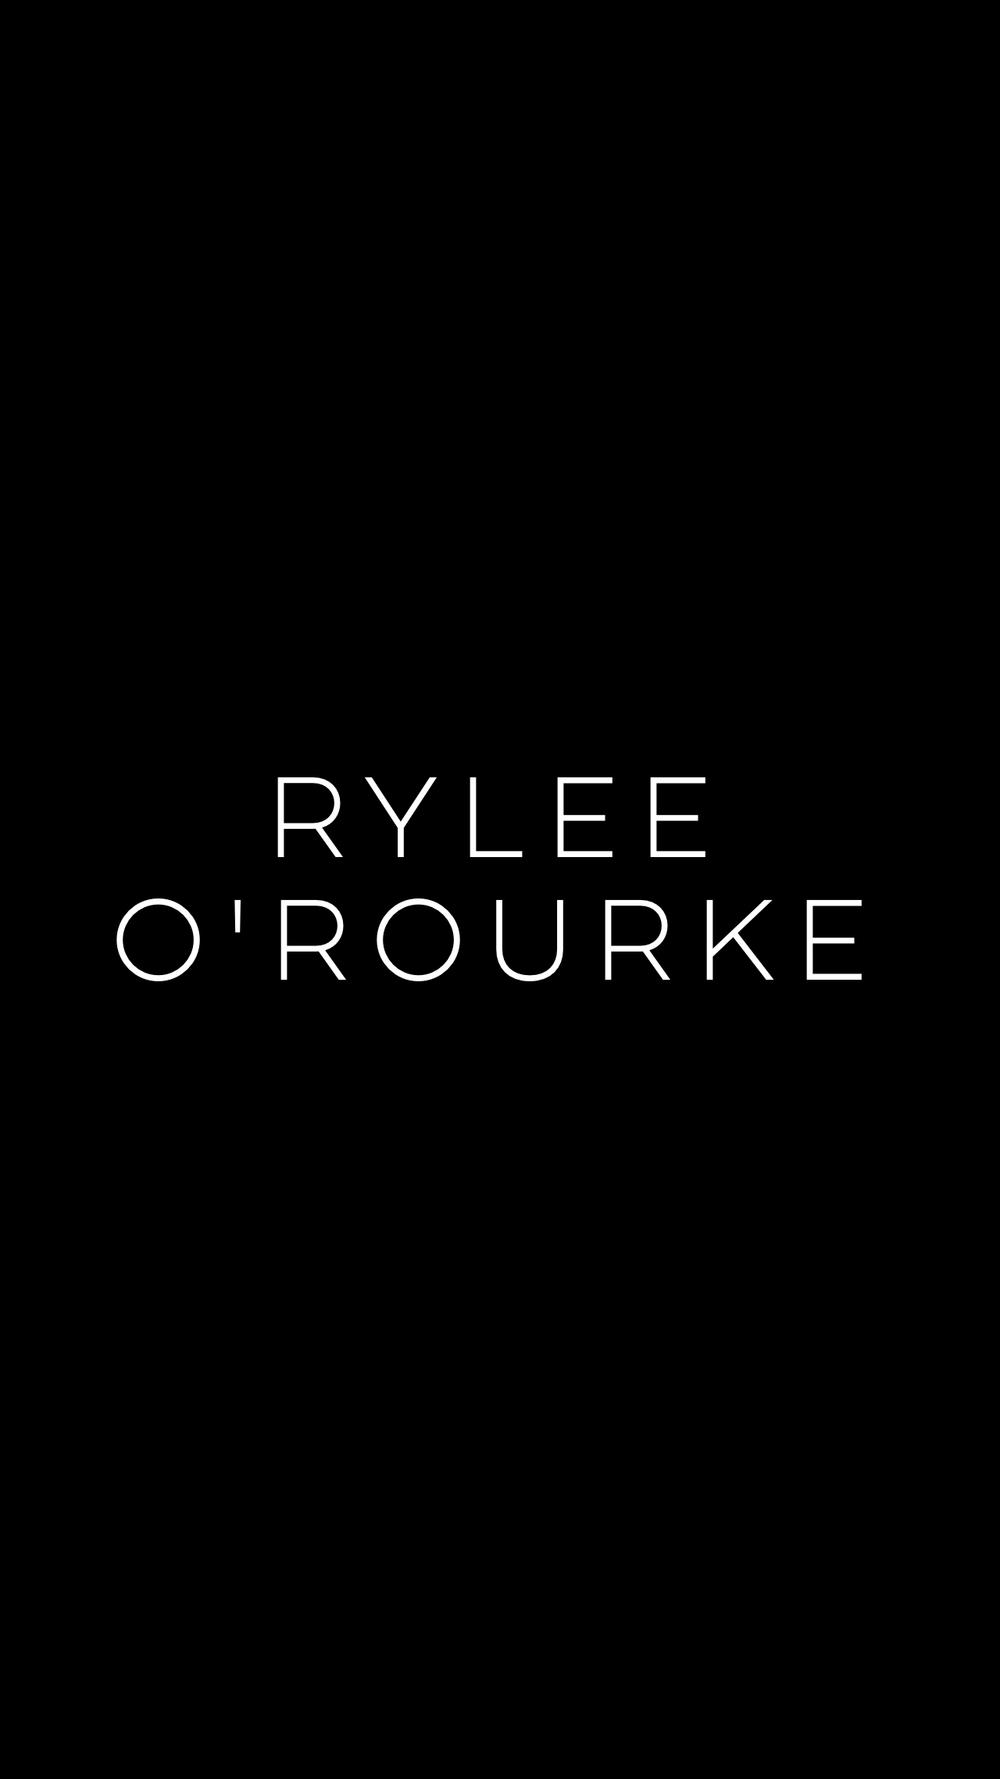 RYLEE OROURKE.jpg